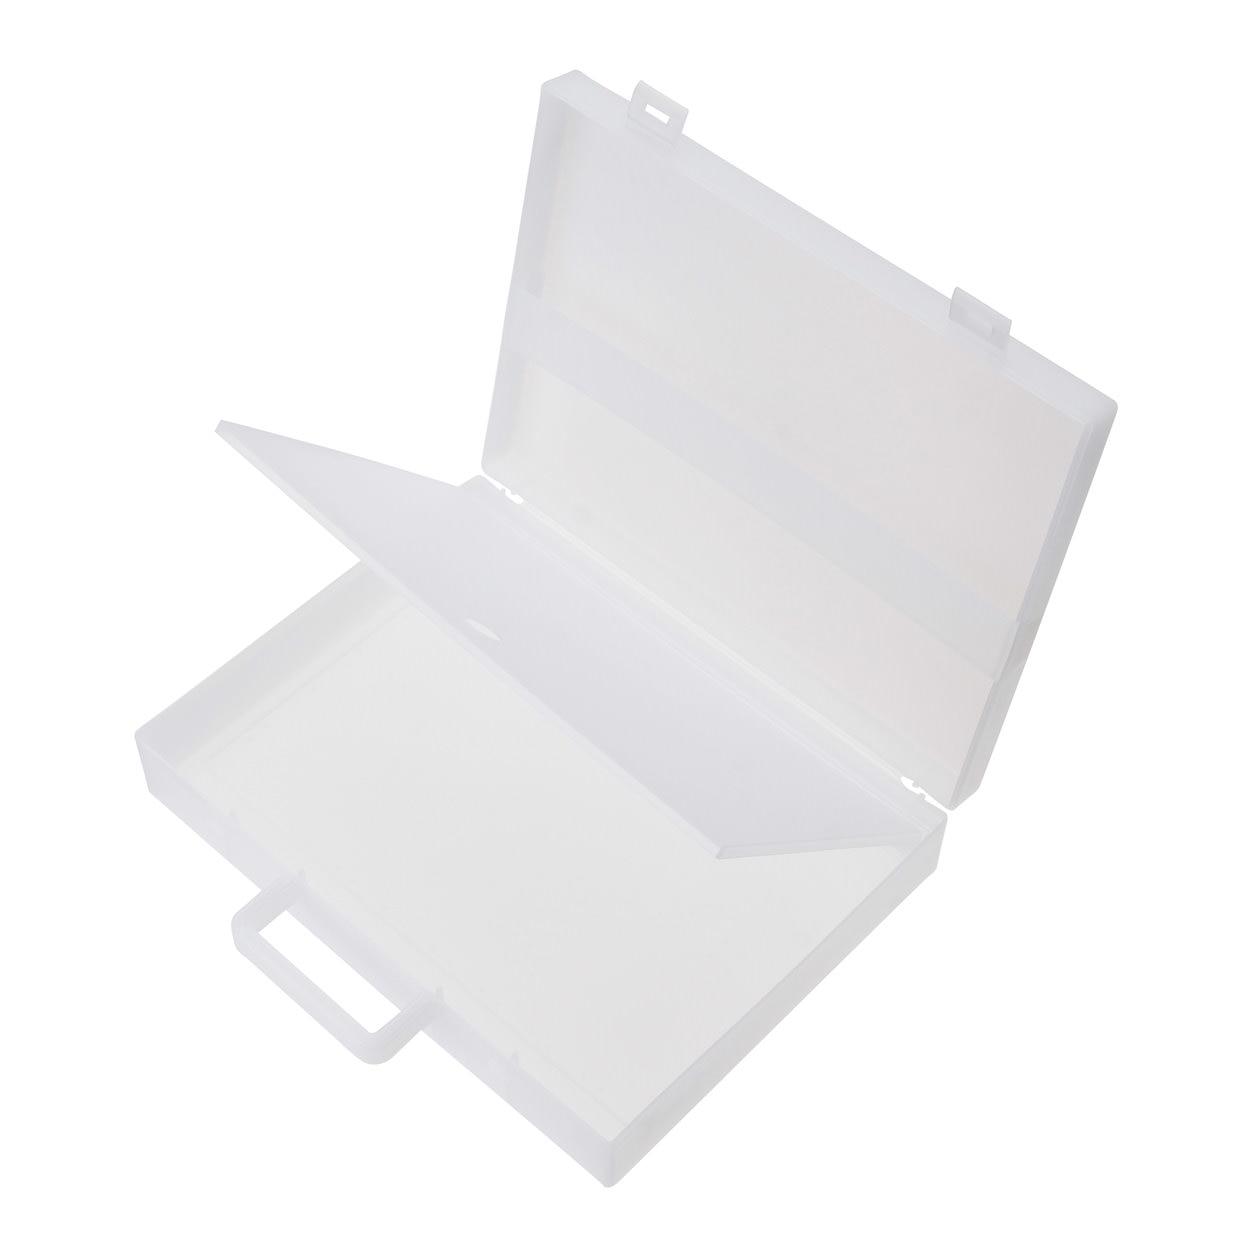 自立収納できるキャリーケース・A4用 約縦28(持ち手含)×横32×厚さ7cm コンビニ受取可